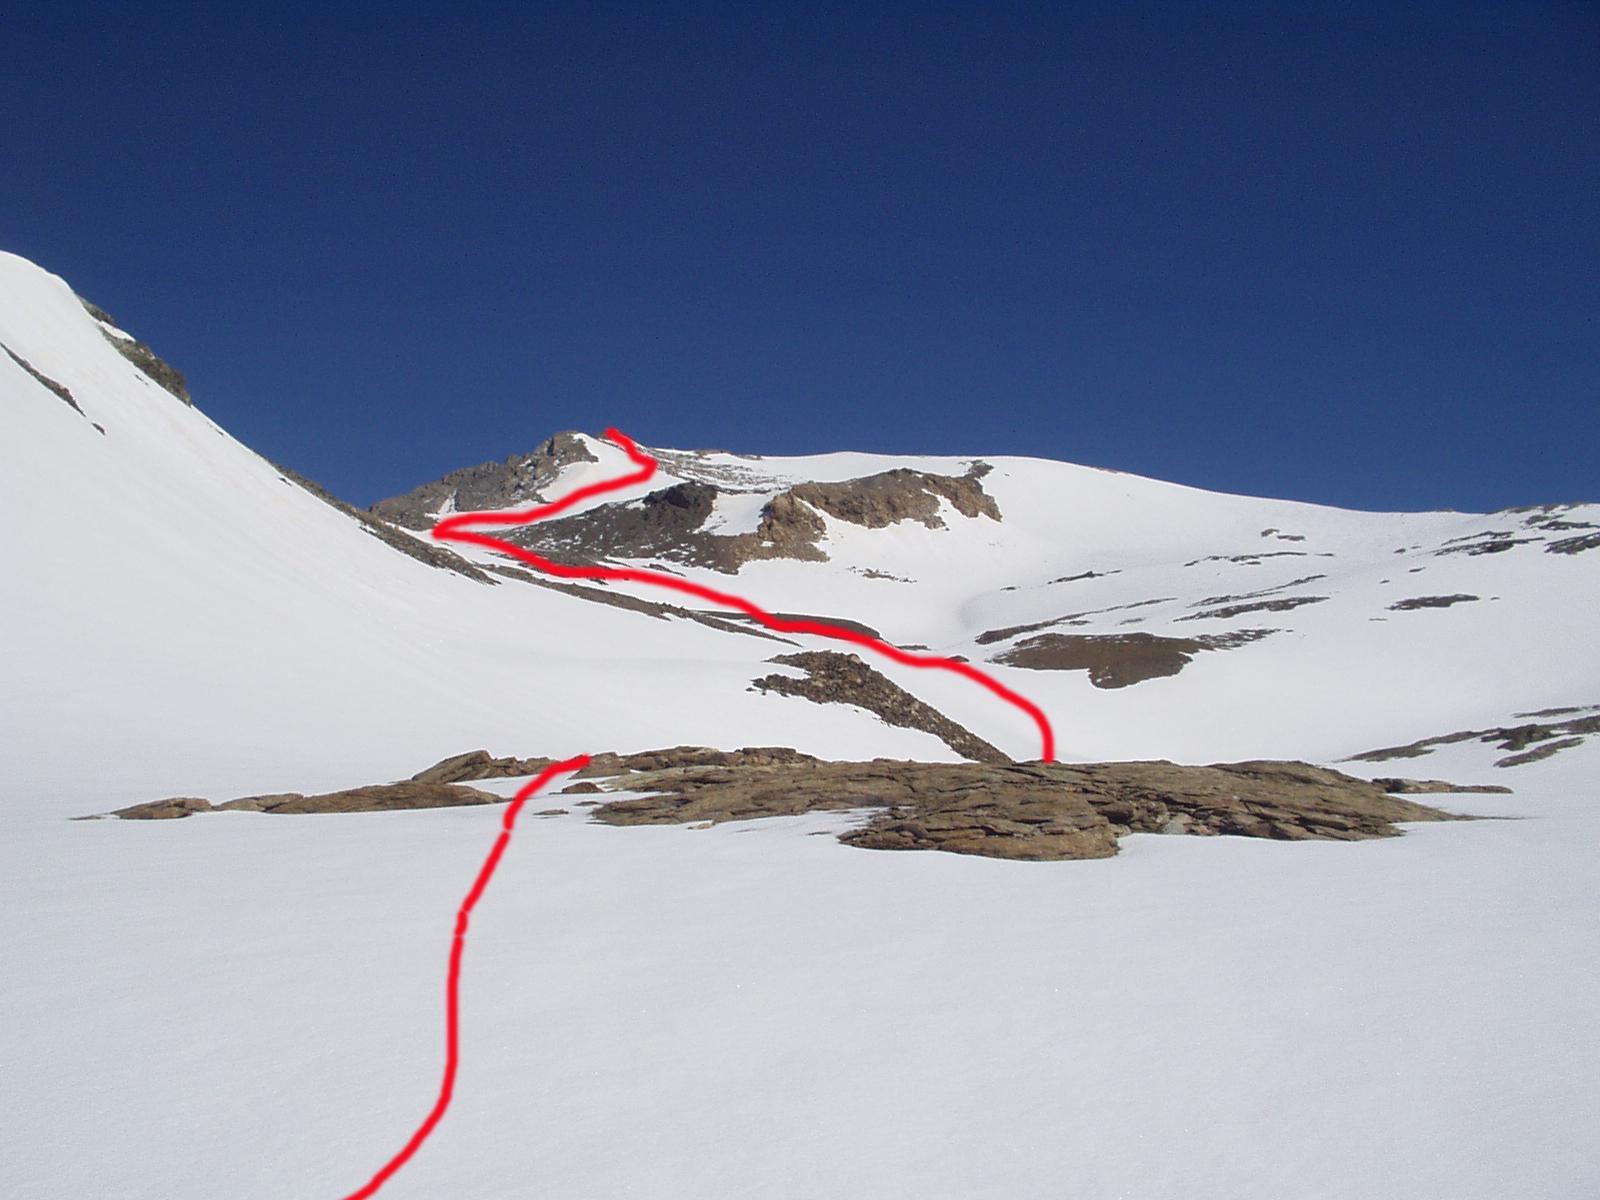 La cima e il percorso seguito dalla base dei pendii della dorsale Sud, poco dopo il bivacco Sigot.